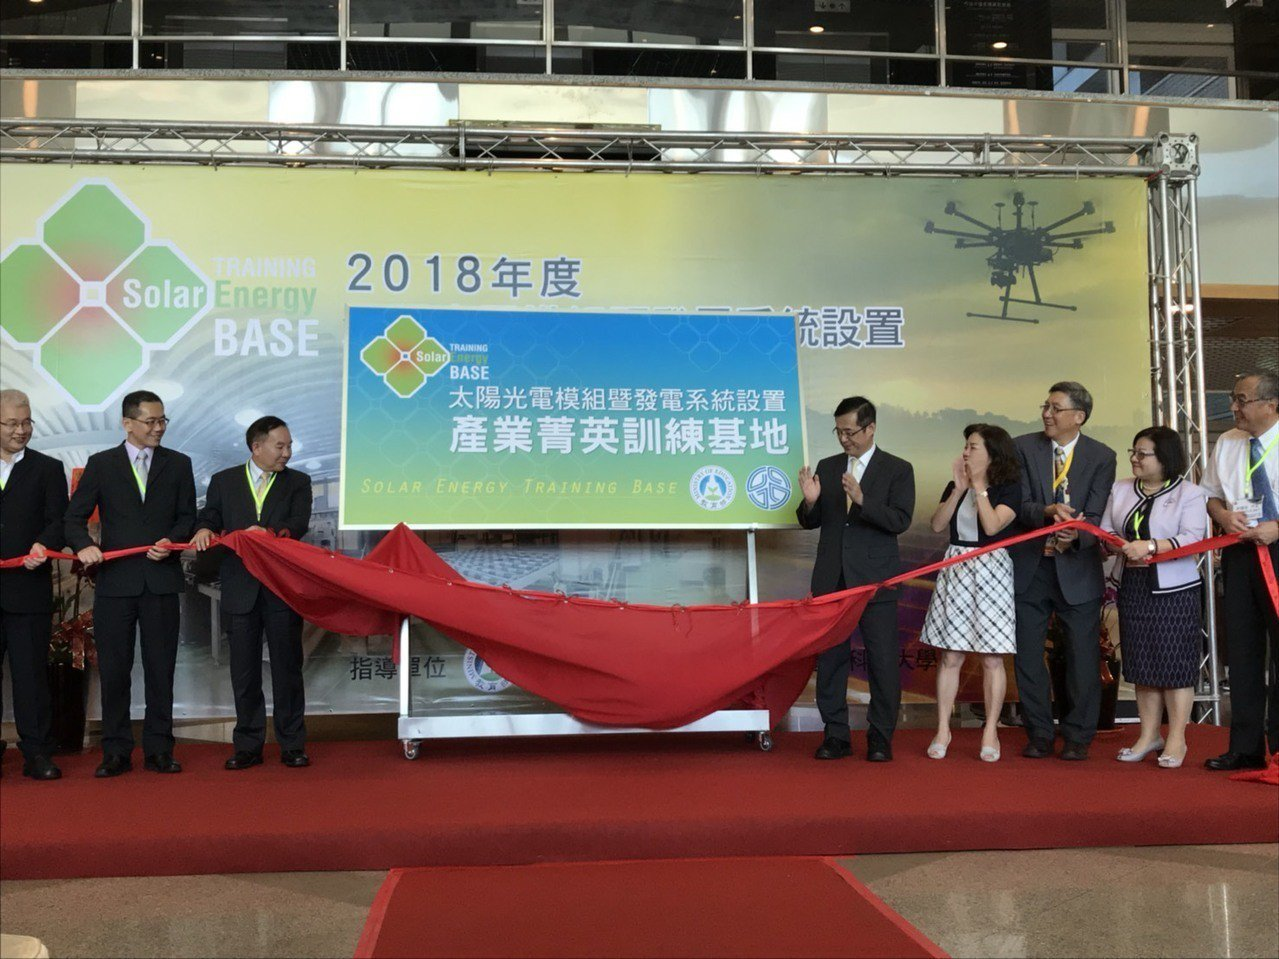 臺灣第一座太陽光電菁英訓練示範基地,27日於健行科大揭牌啟動。 健行科大/提供。